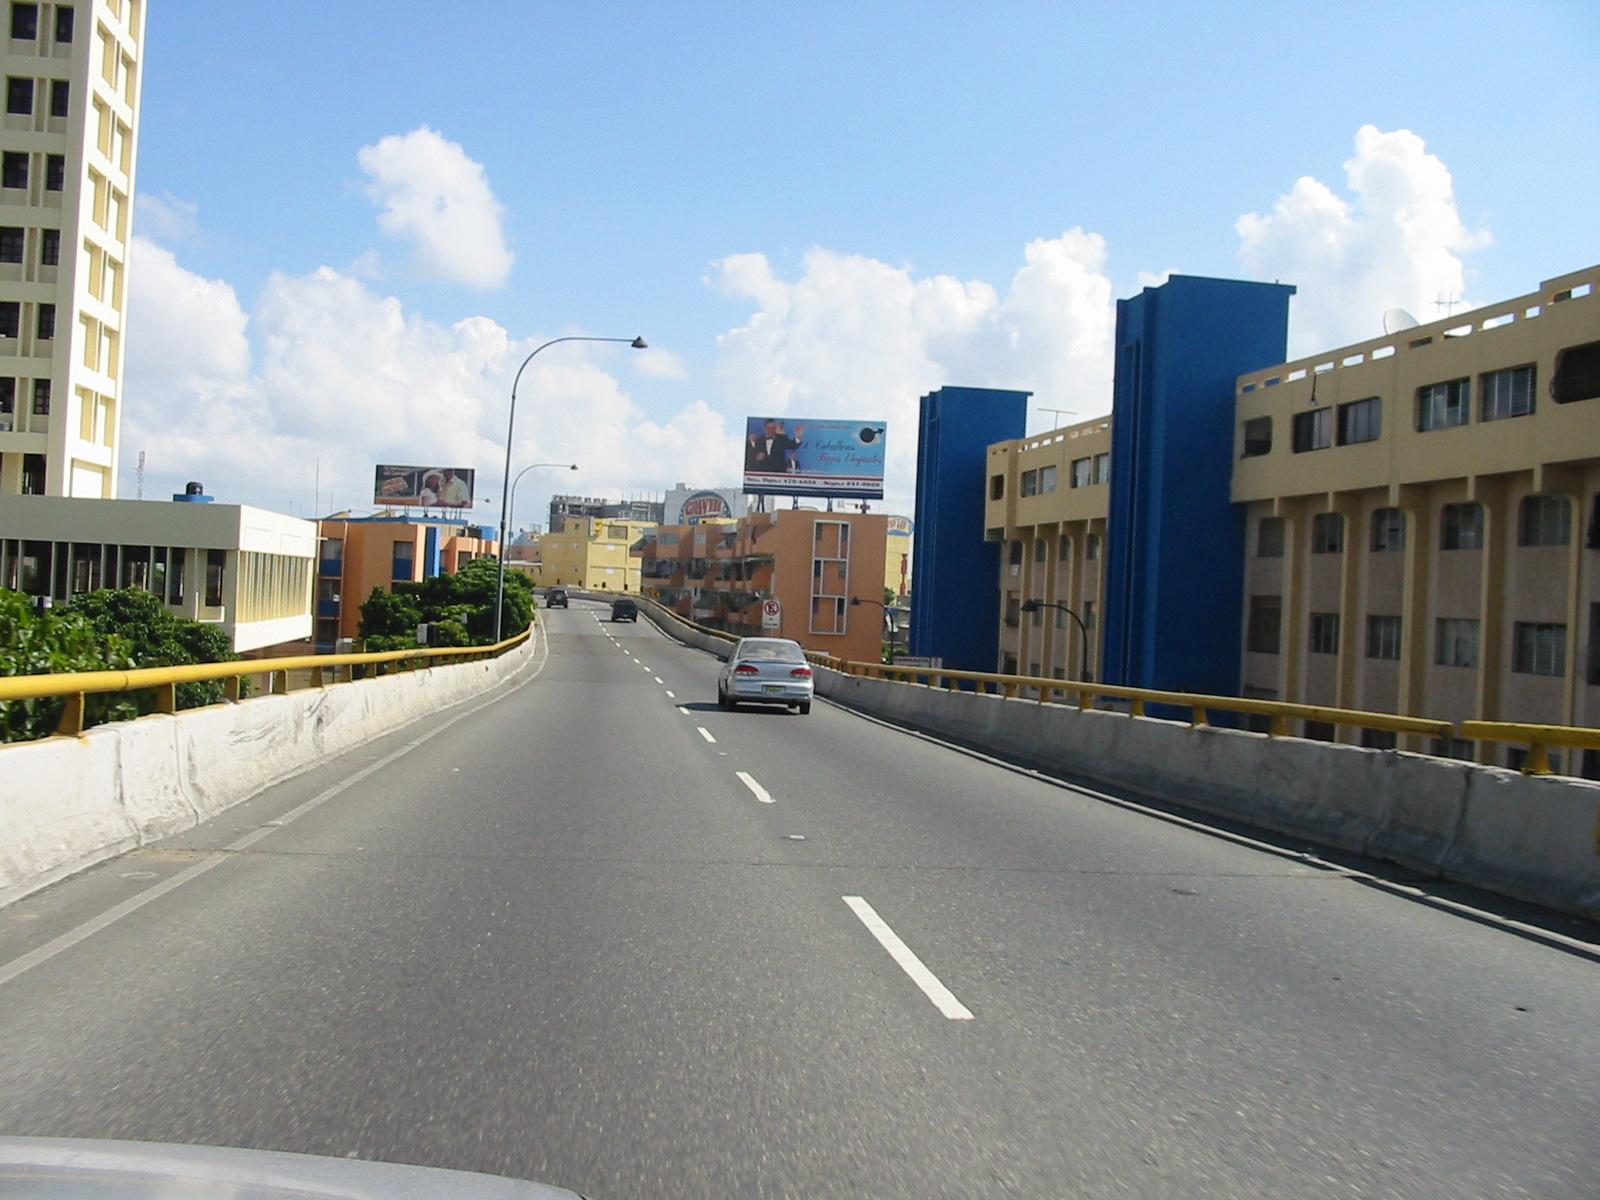 MOPC cerrará túneles y elevados en el Gran Santo Domingo por mantenimiento